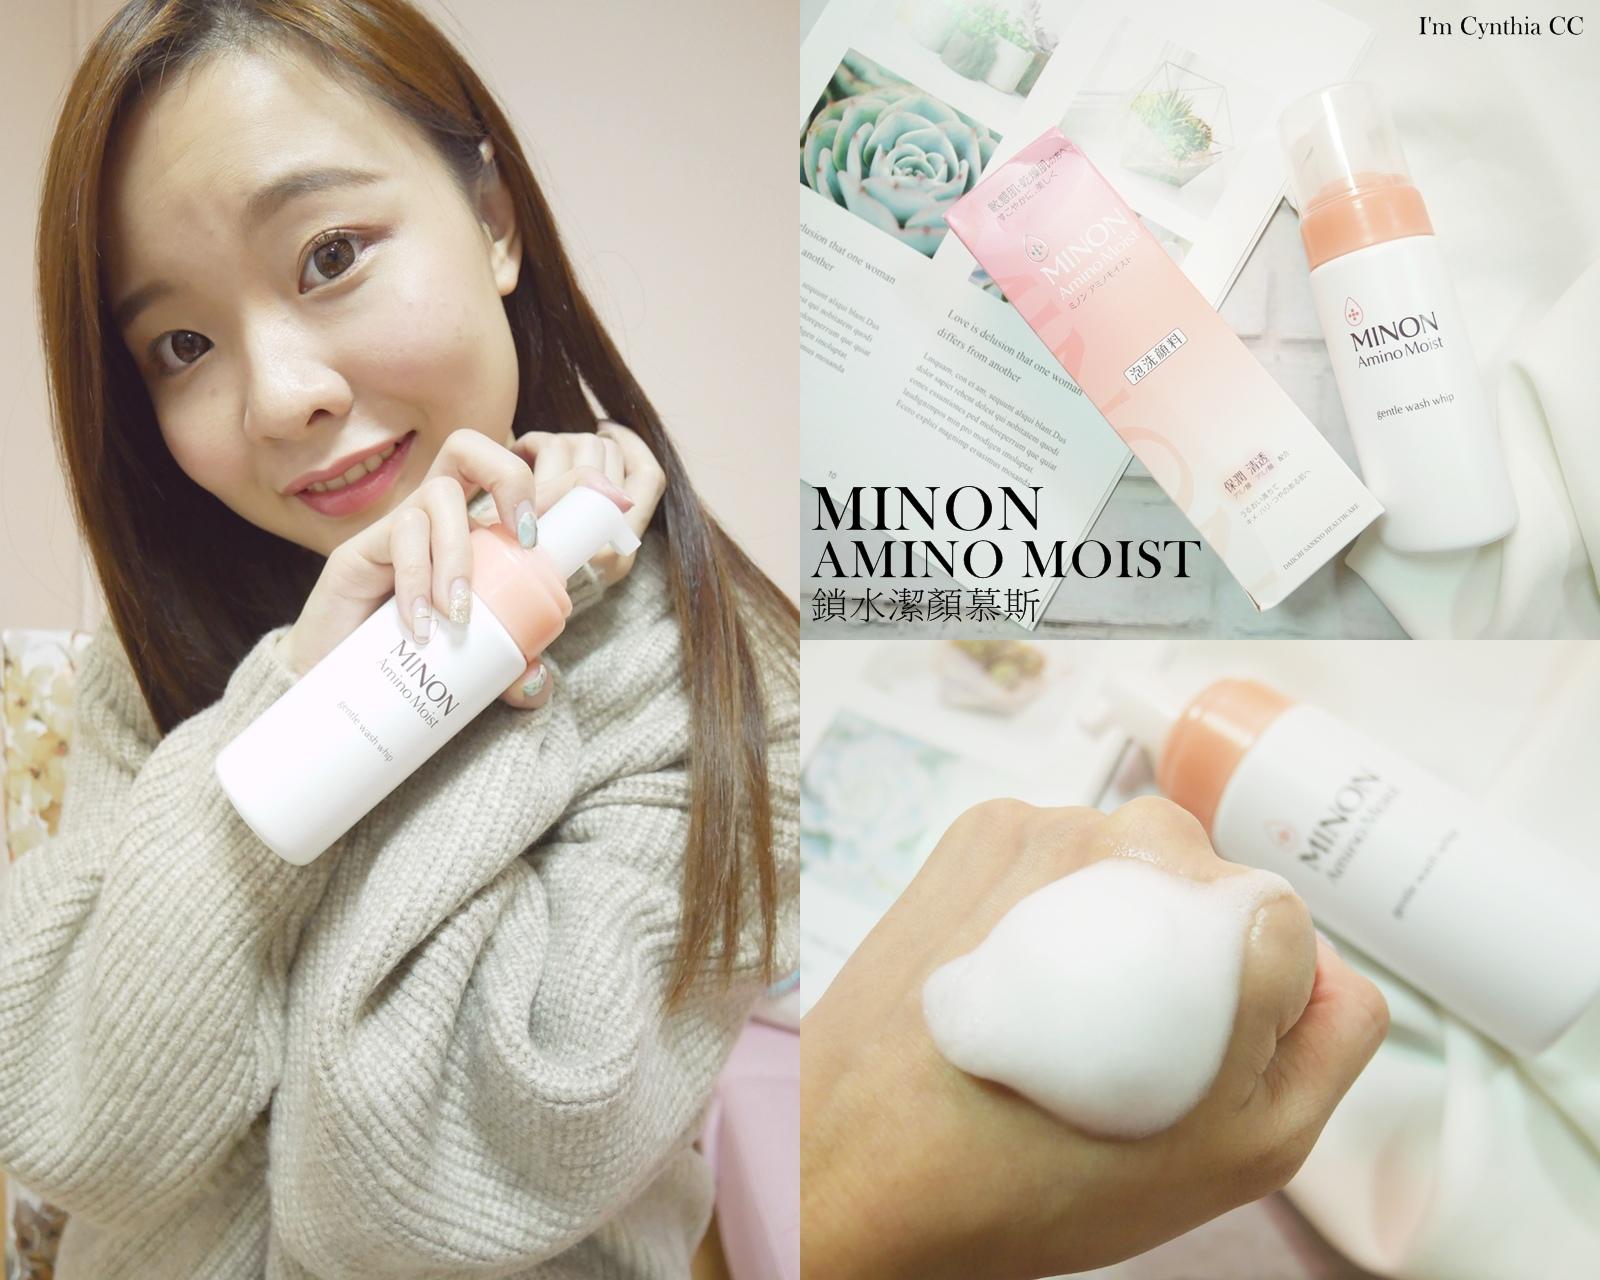 MINON鎖水潔顏慕斯 來自日本的敏弱肌專用保養品